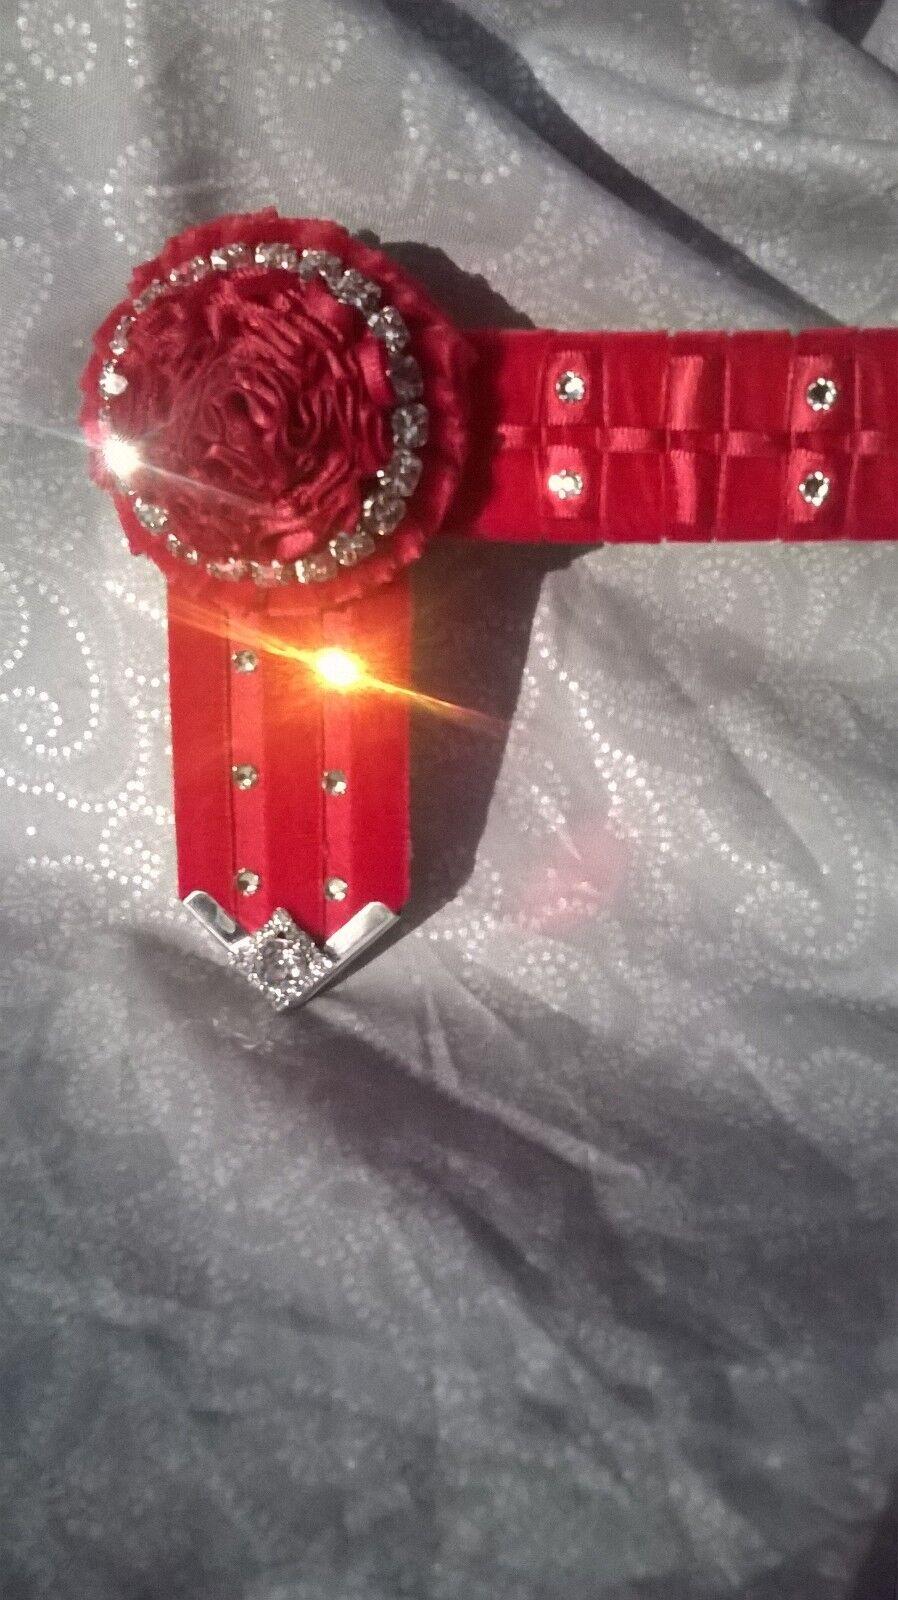 Gli eleuominiti della barra multidivertiuominitozione Equestre mostrare Fascia Sopracciglio COMPLETO 16 Lilly Nastro Fascia Sopracciglio